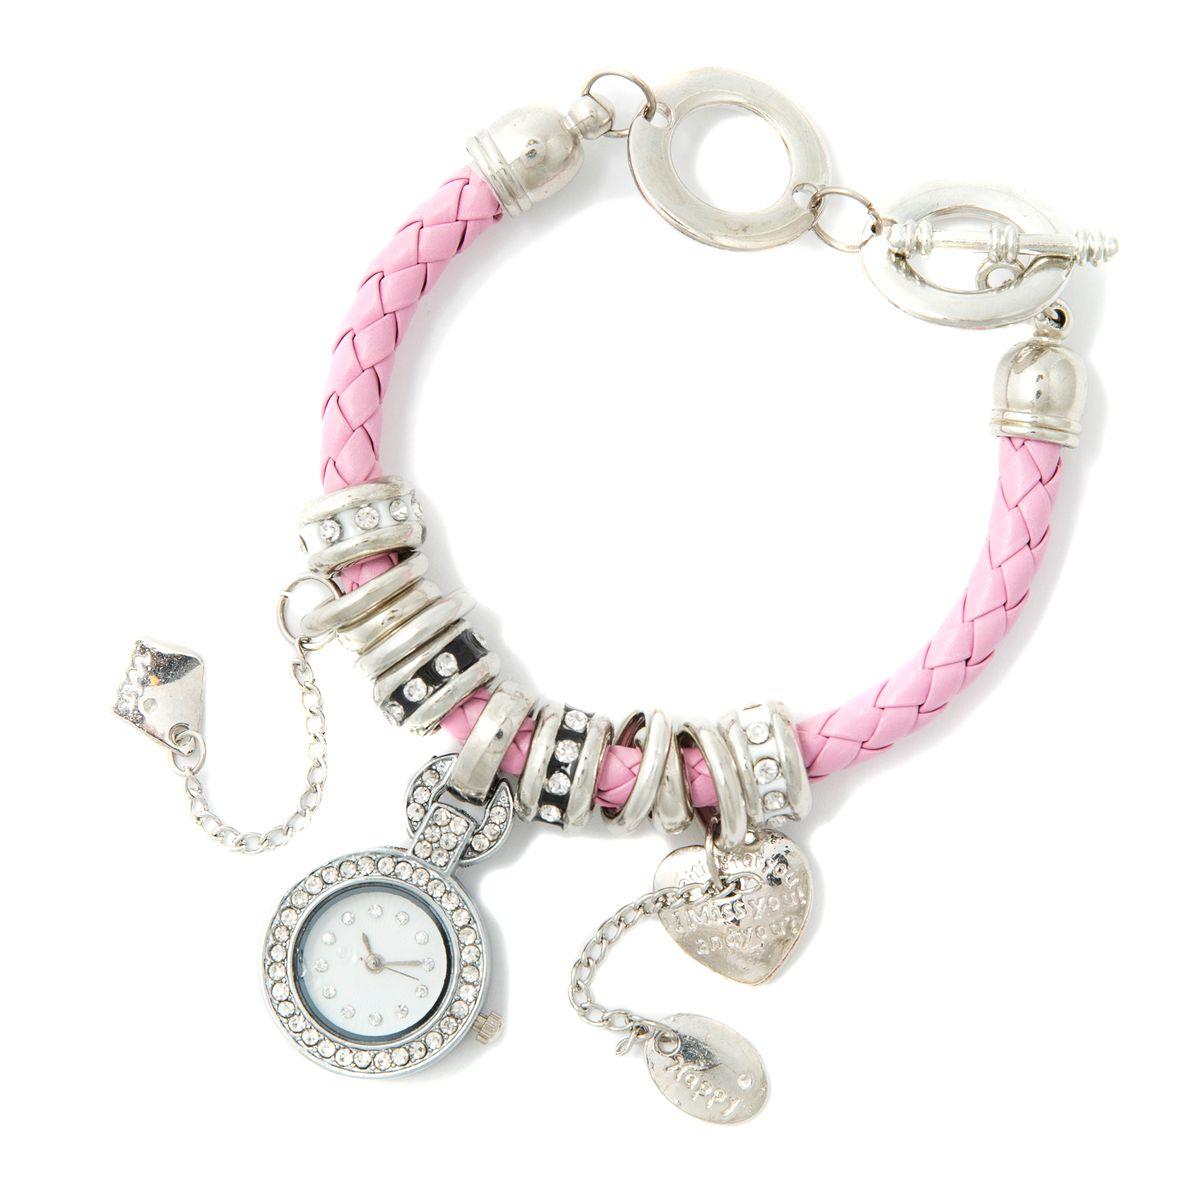 Часы наручные женские Mitya Veselkov. BRASW-ROSBRASW-ROSНаручные женские часы оснащены кварцевым механизмом. Корпус часов выполнен из нержавеющей стали. Модель оснащена оригинальным ремешком.